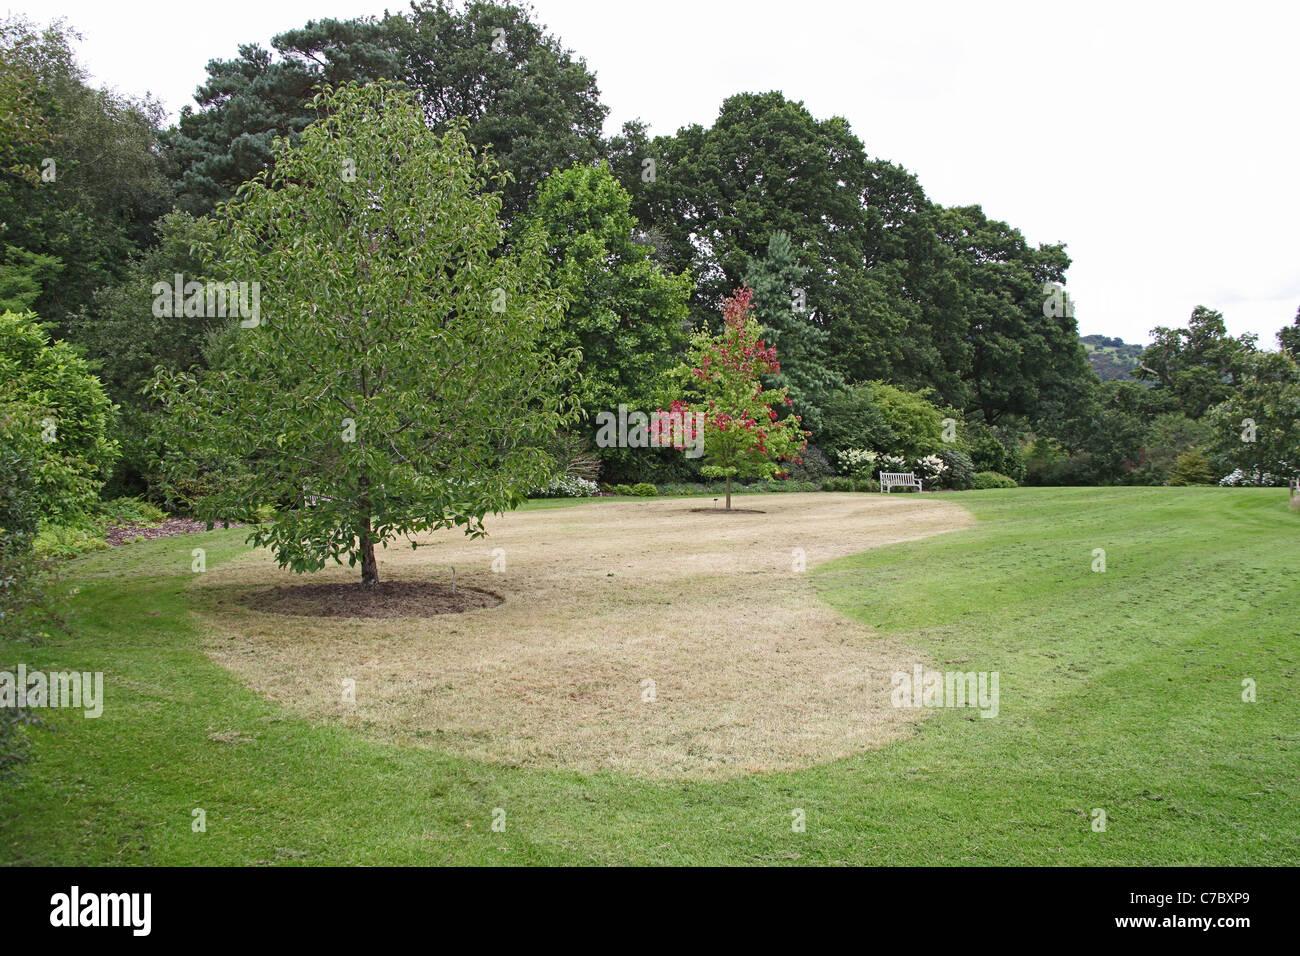 Späten Rasen schneiden zeigt Blumenzwiebeln im Rasen Royal Horticultural Society Garten Rosemoor, Great Torrington, Devon, England, UK Stockfoto